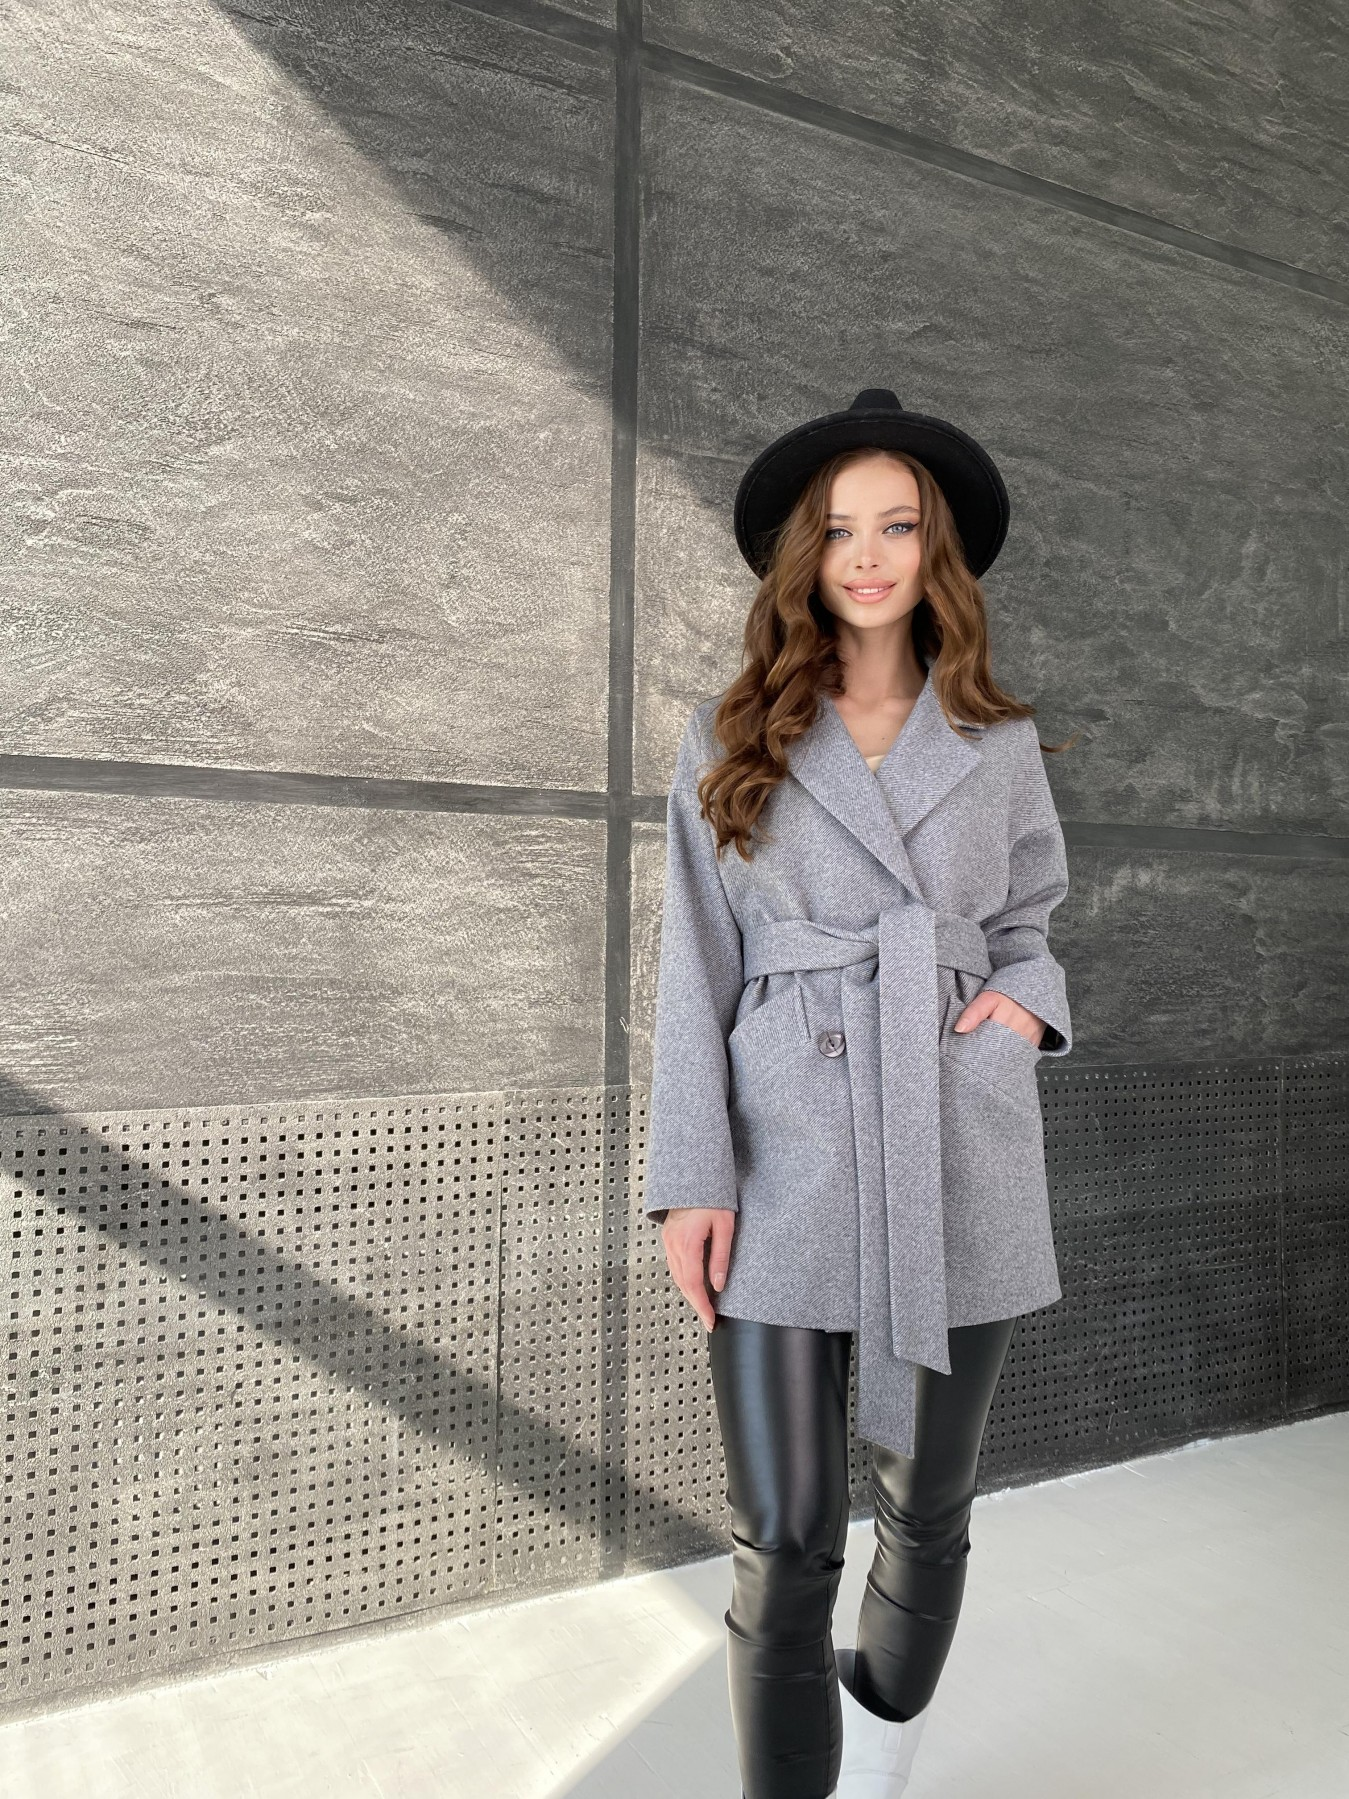 Бонд Диагональ пальто из пальтовой ткани  10757 АРТ. 47191 Цвет: Серый меланж 4 - фото 6, интернет магазин tm-modus.ru